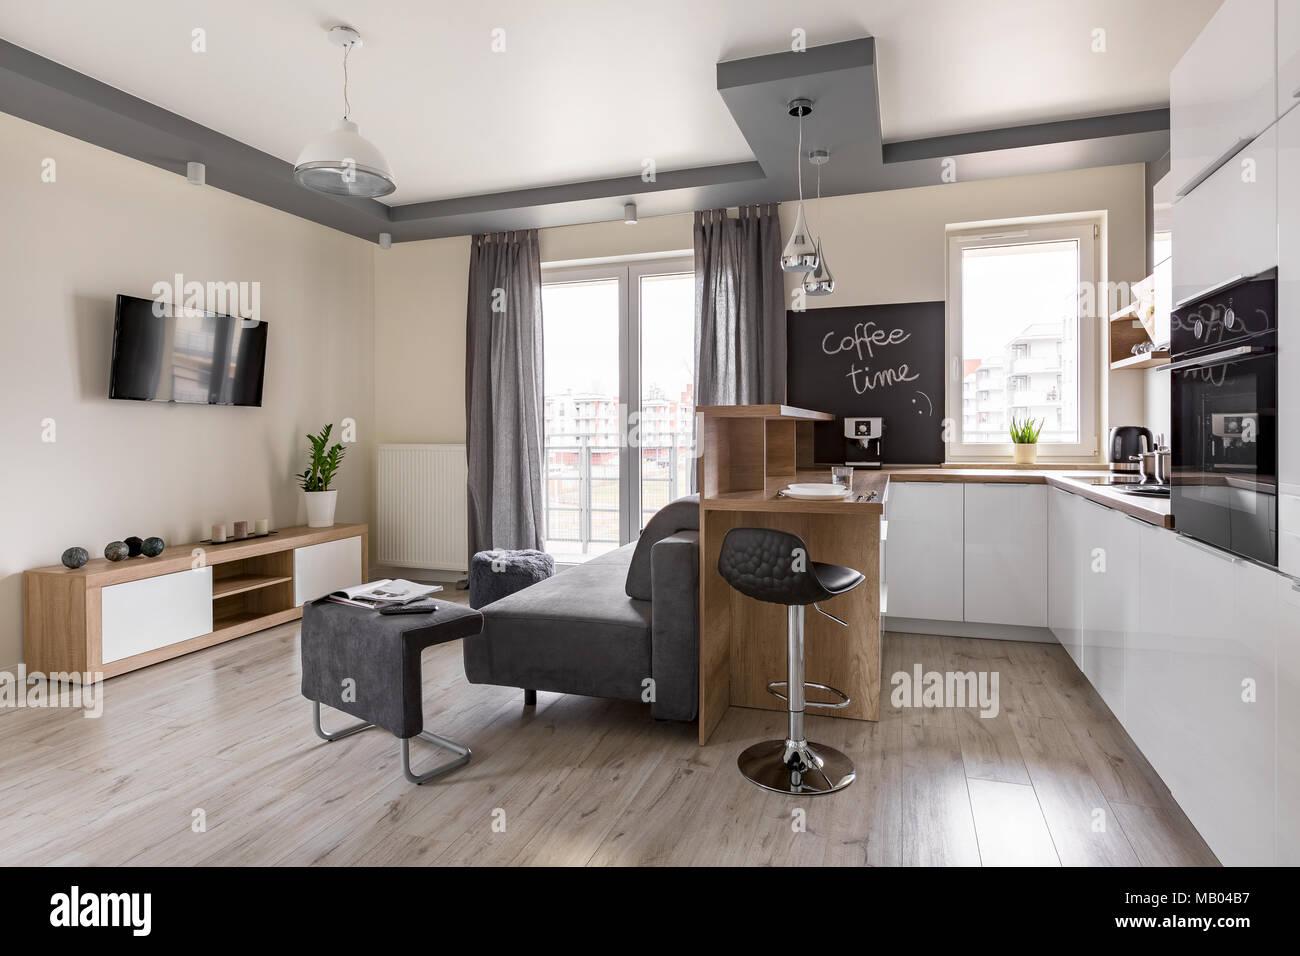 Funktionale Home Interior Mit Offener Küche Und Tv Wohnzimmer